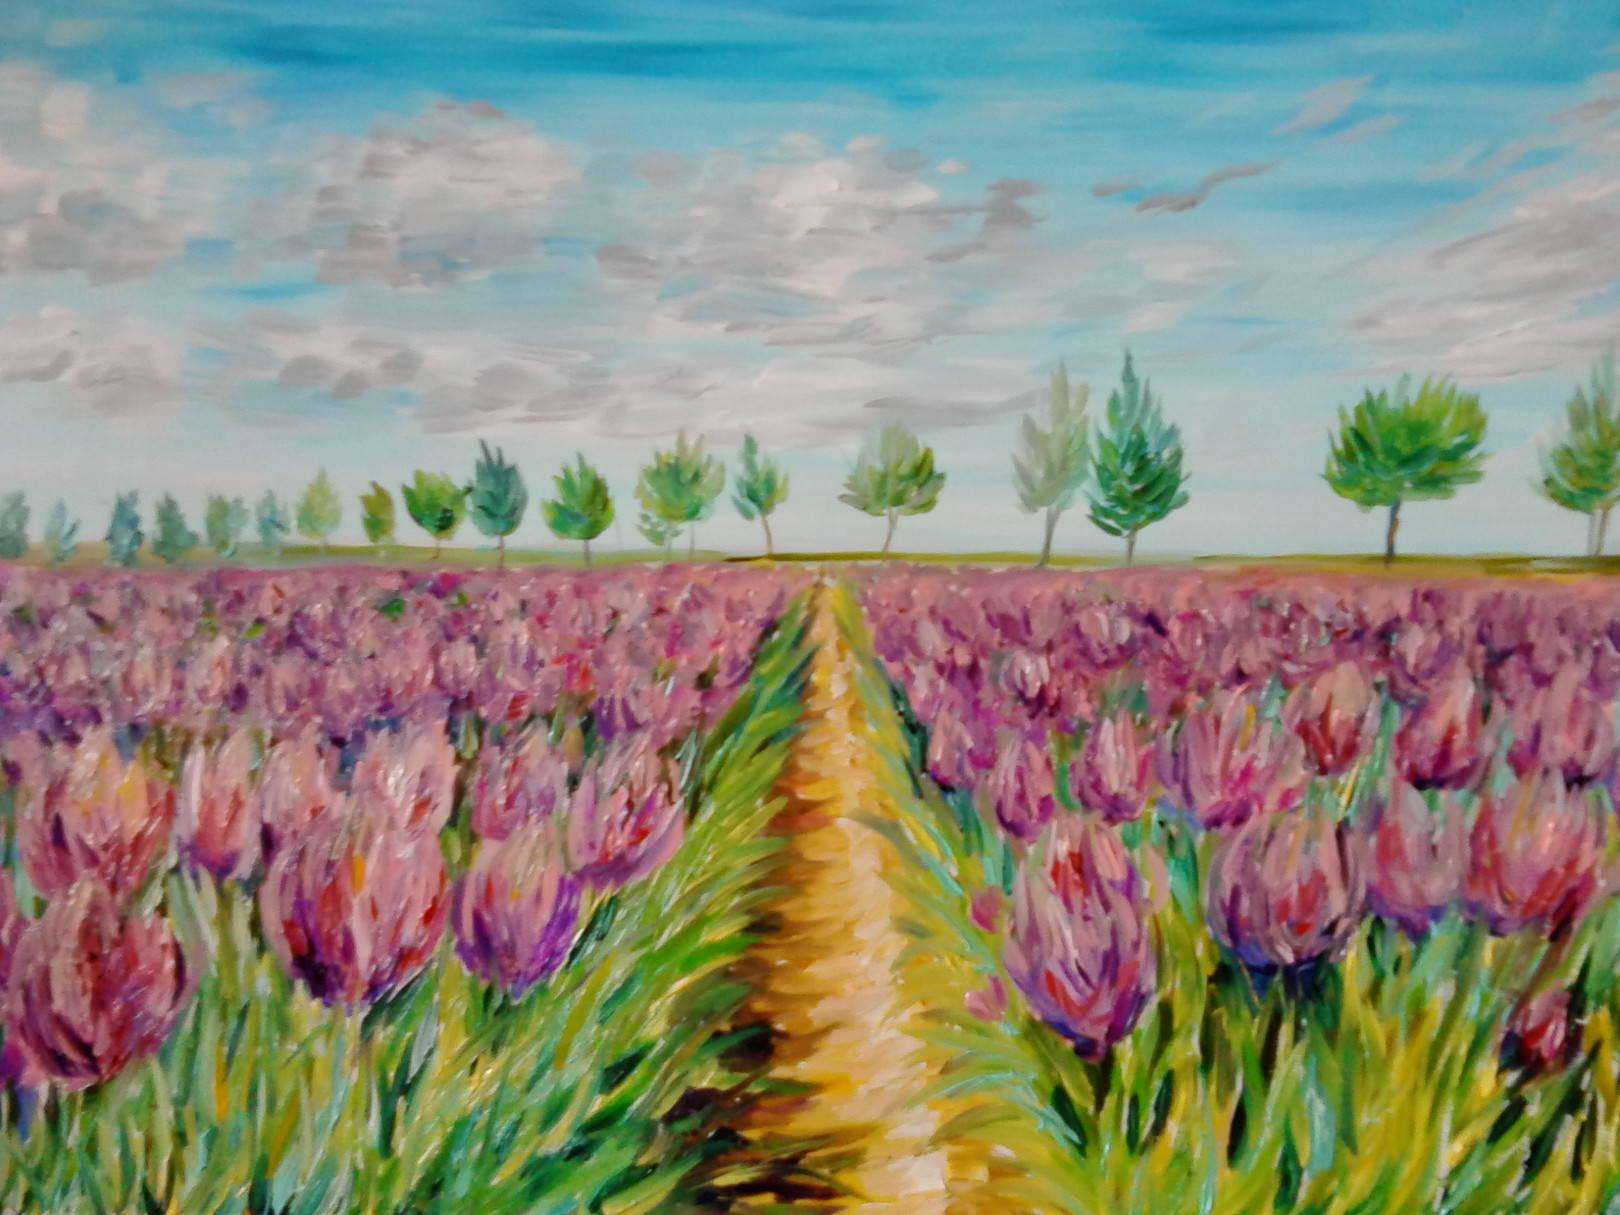 Поле сиреневых тюльпанов